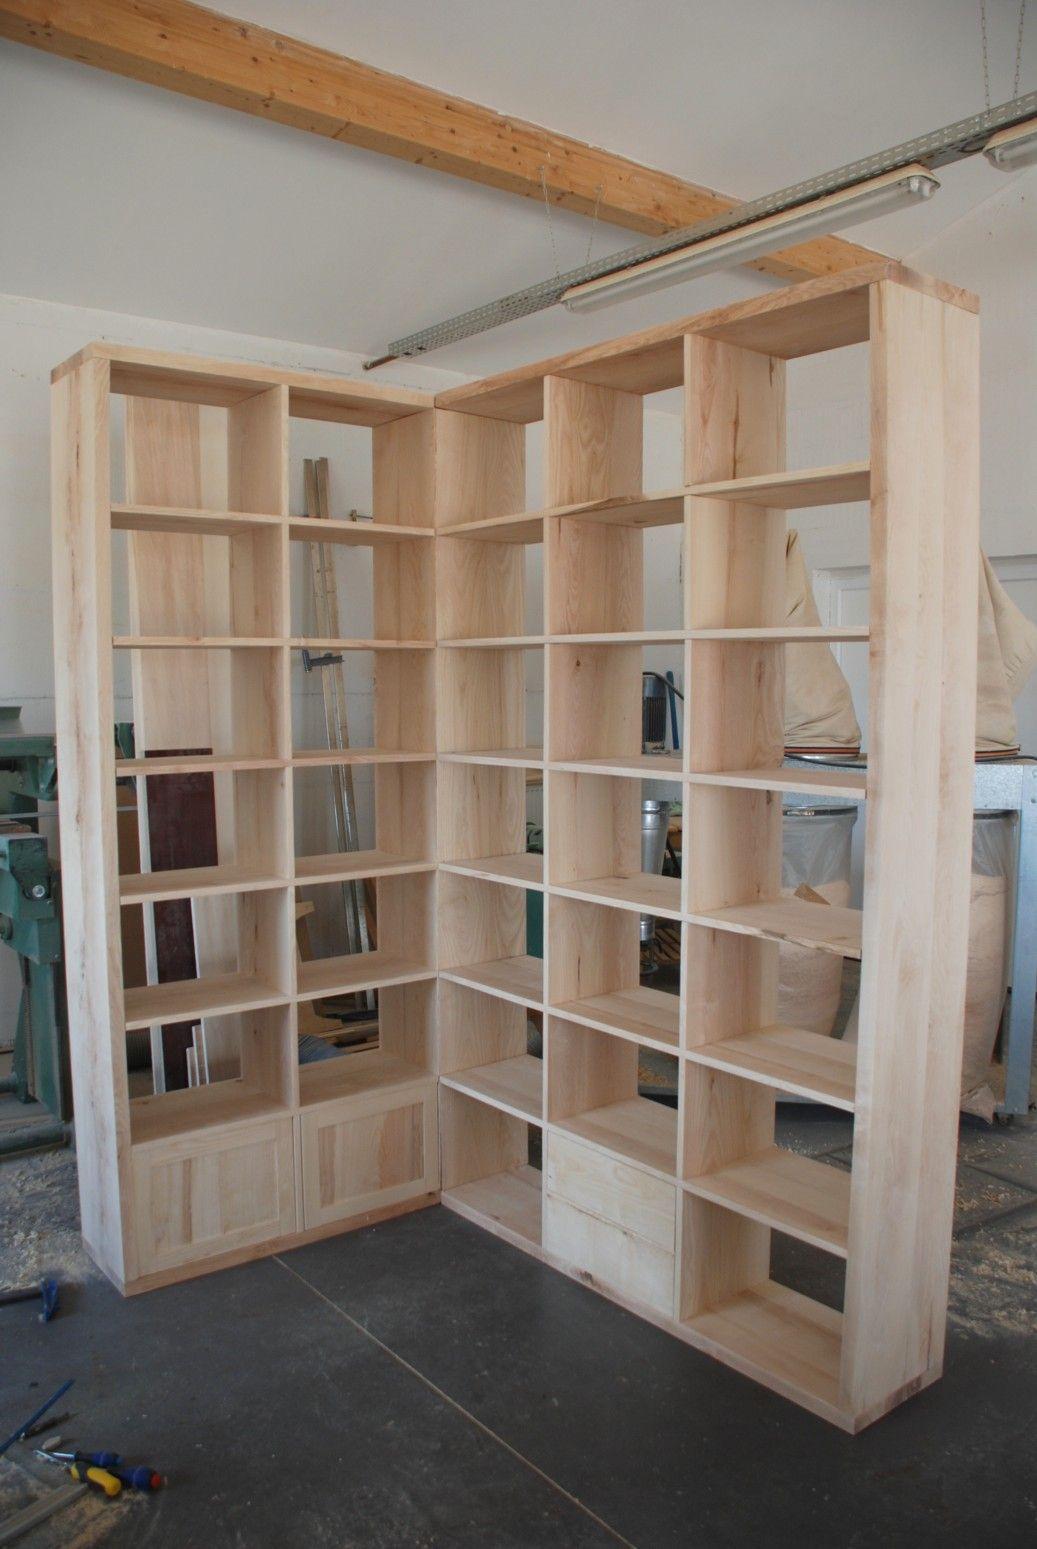 Biblioth Que D Angle Contemporaine En Fr Ne Massif Ensuite  # Bibliotheque D'Angle